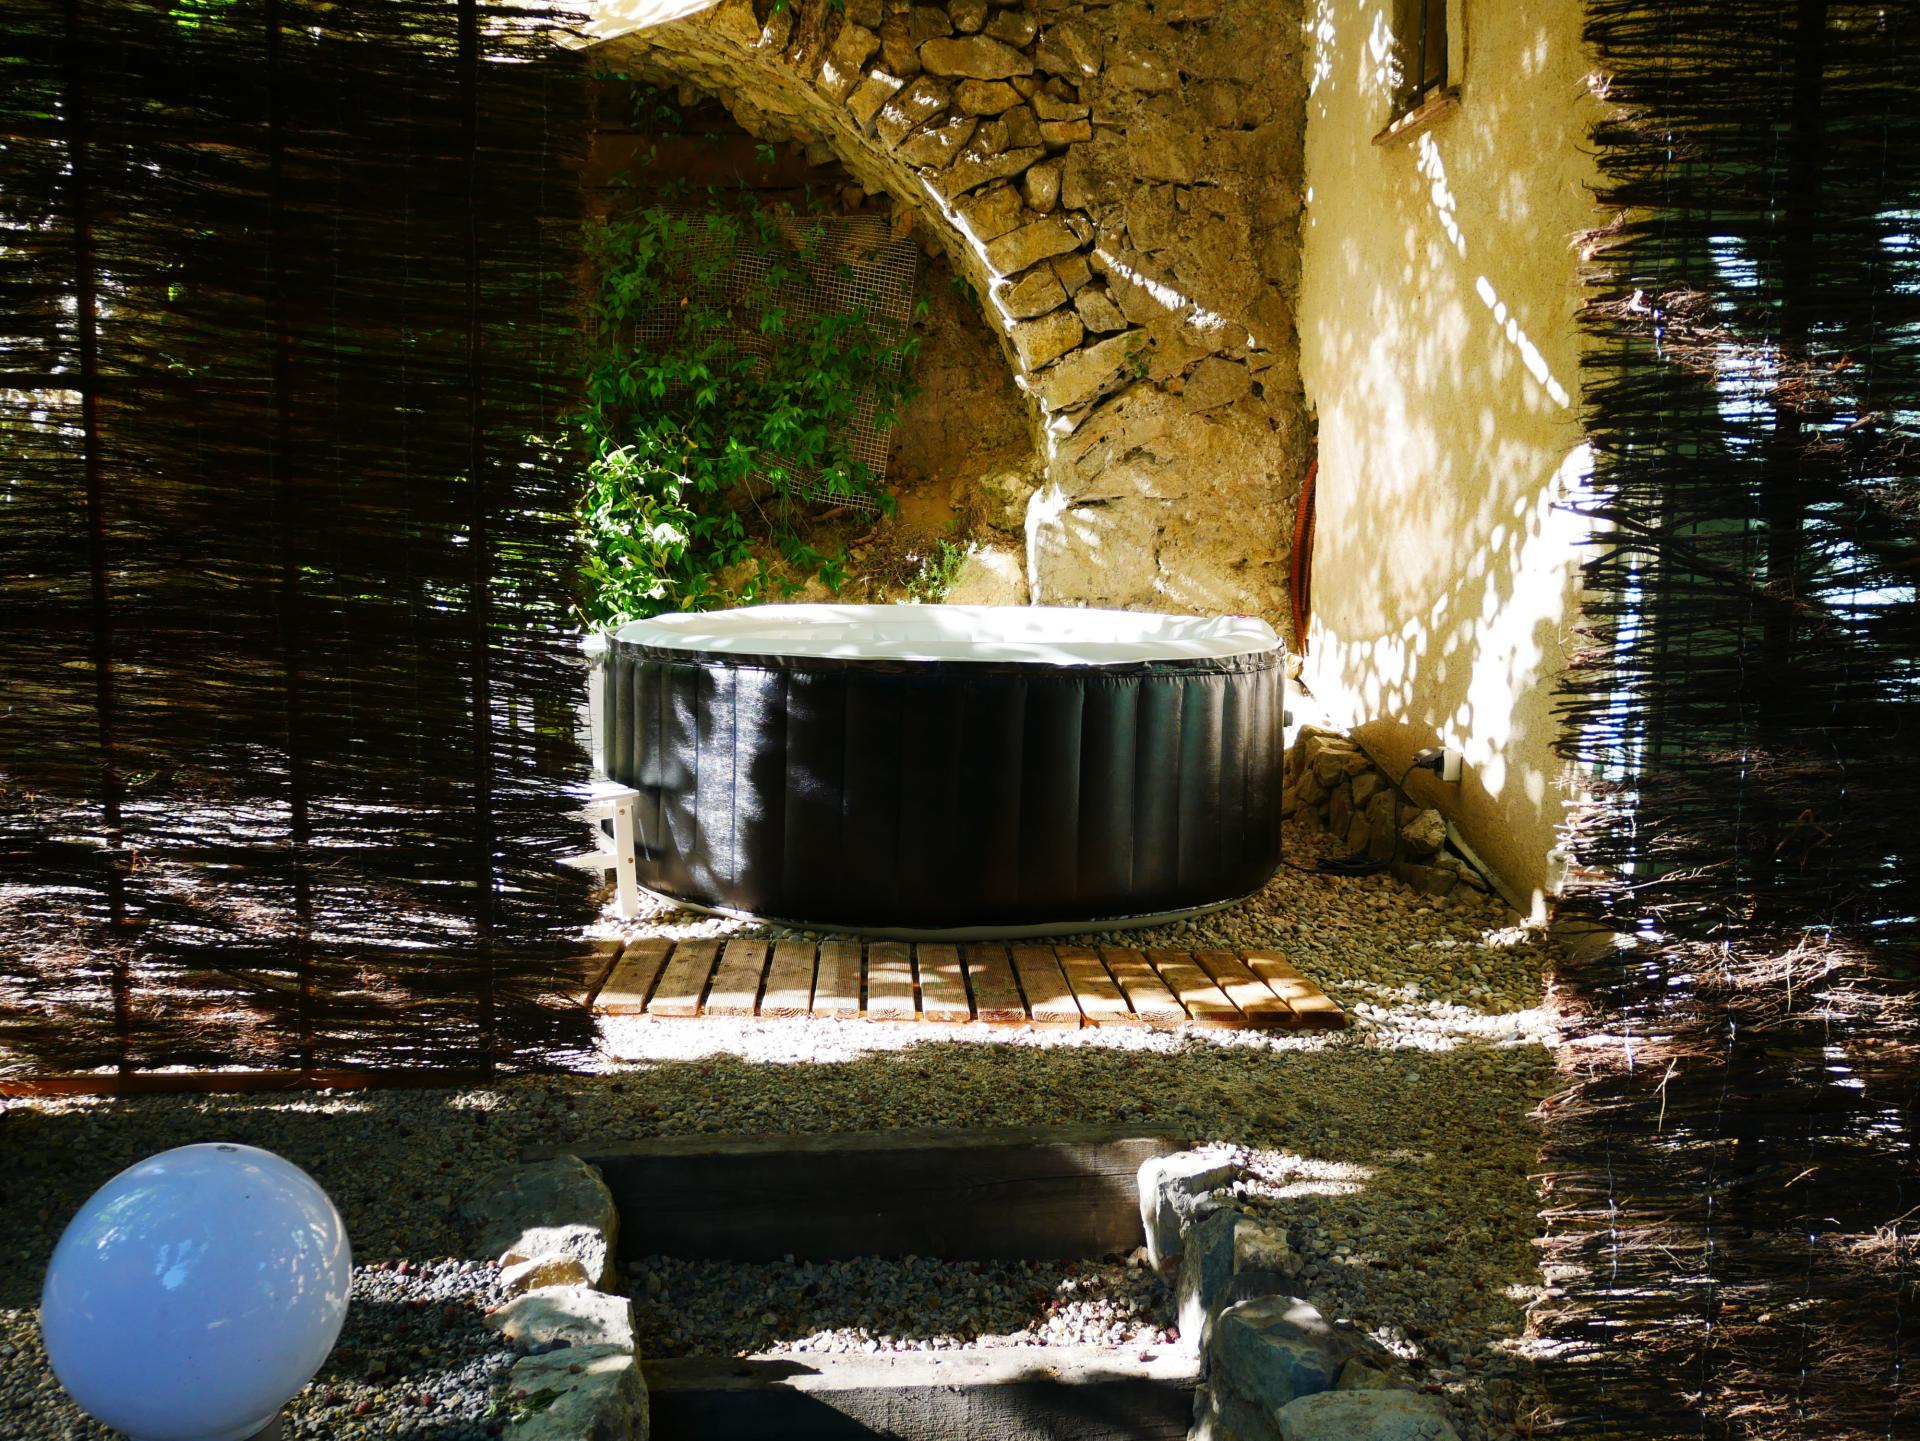 Le spa detente du gite le riou pres des gorges du verdon et st tropez 2